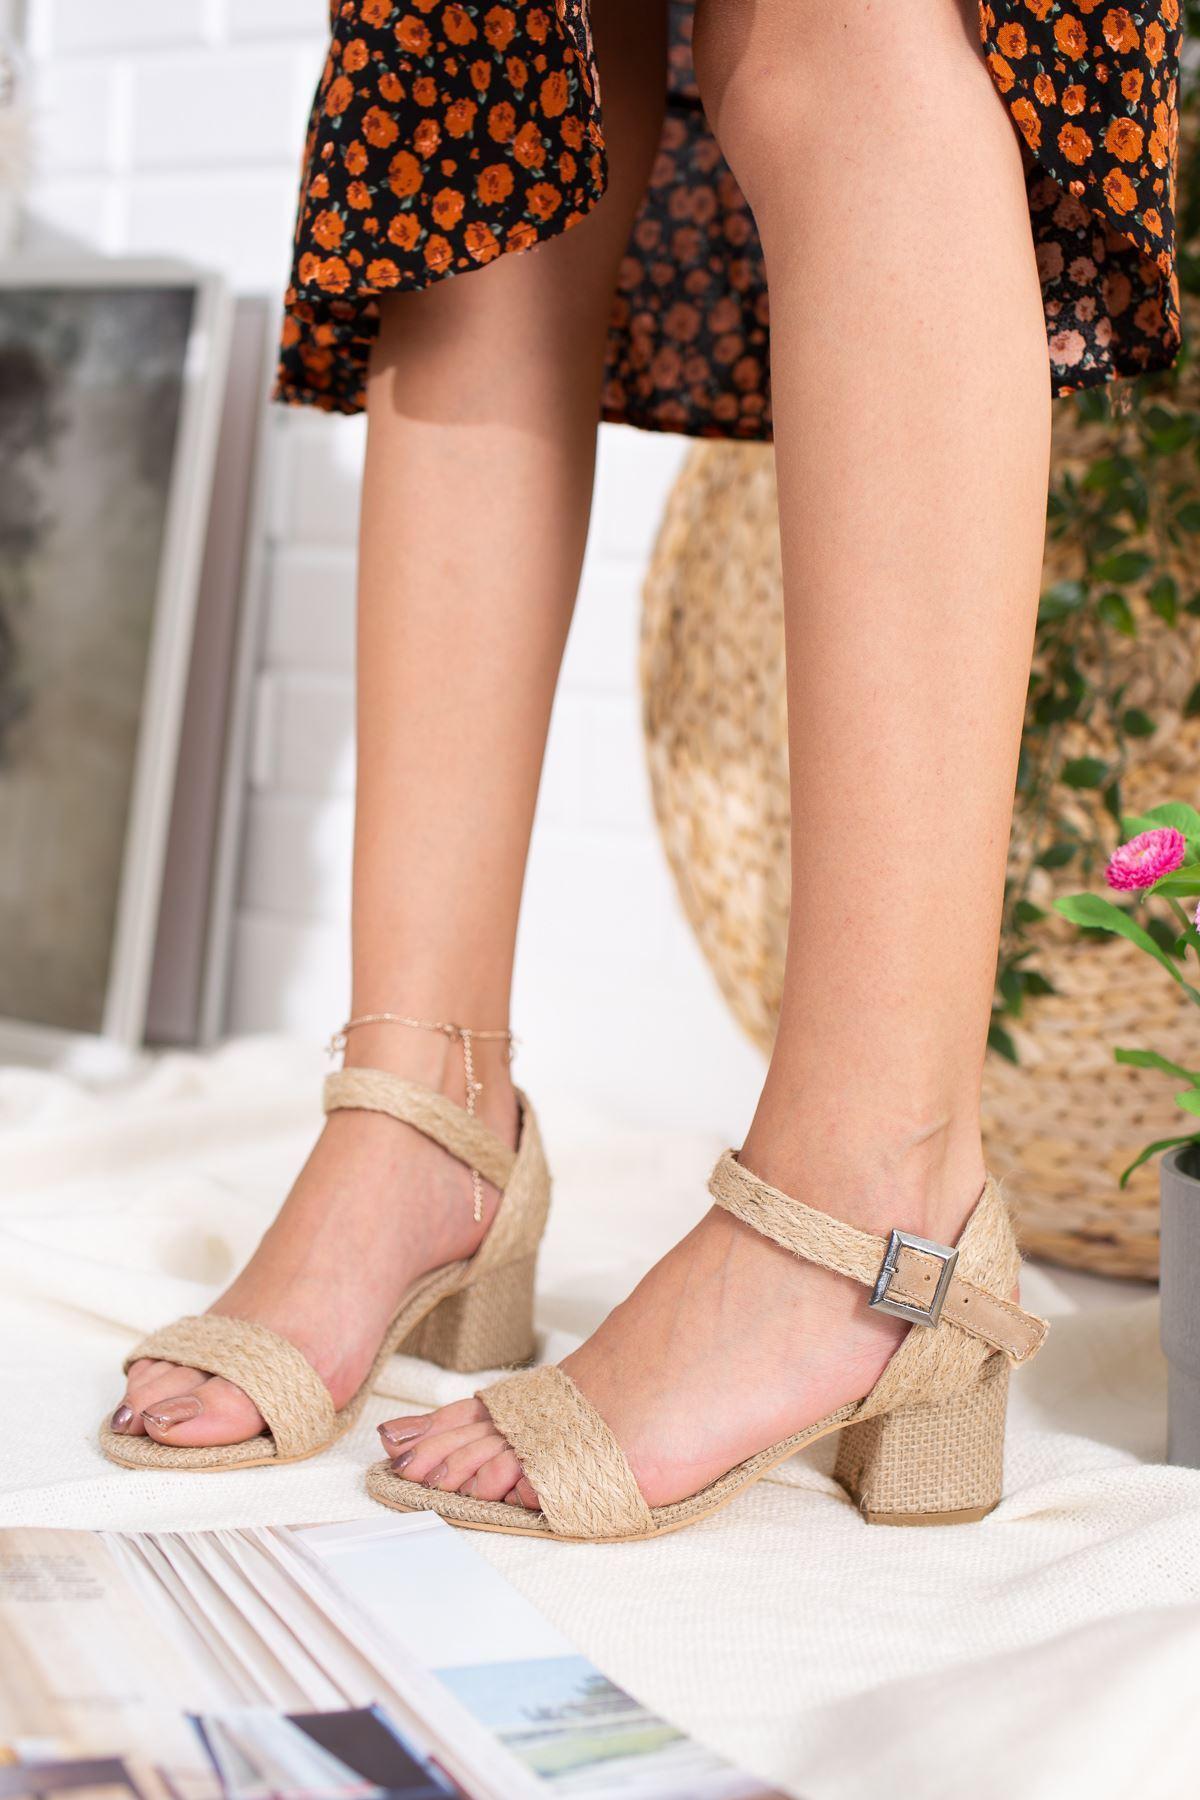 Locke Hasır Kadın Topuklu Ayakkabı